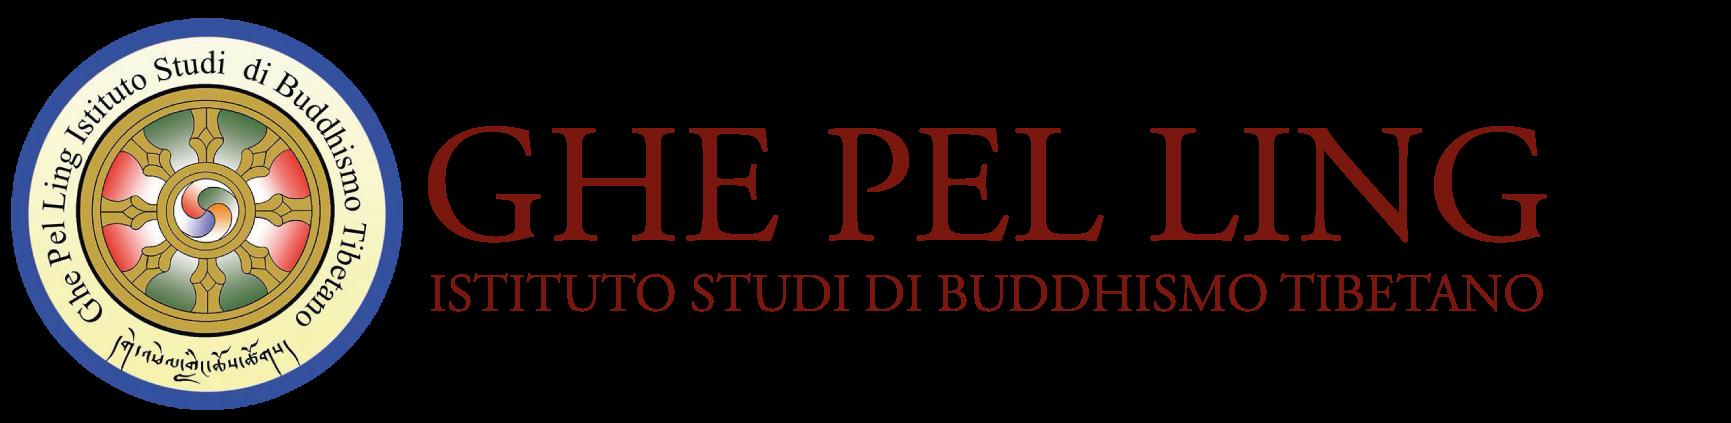 Ghe Pel Ling – Istituto Studi di Buddhismo Tibetano